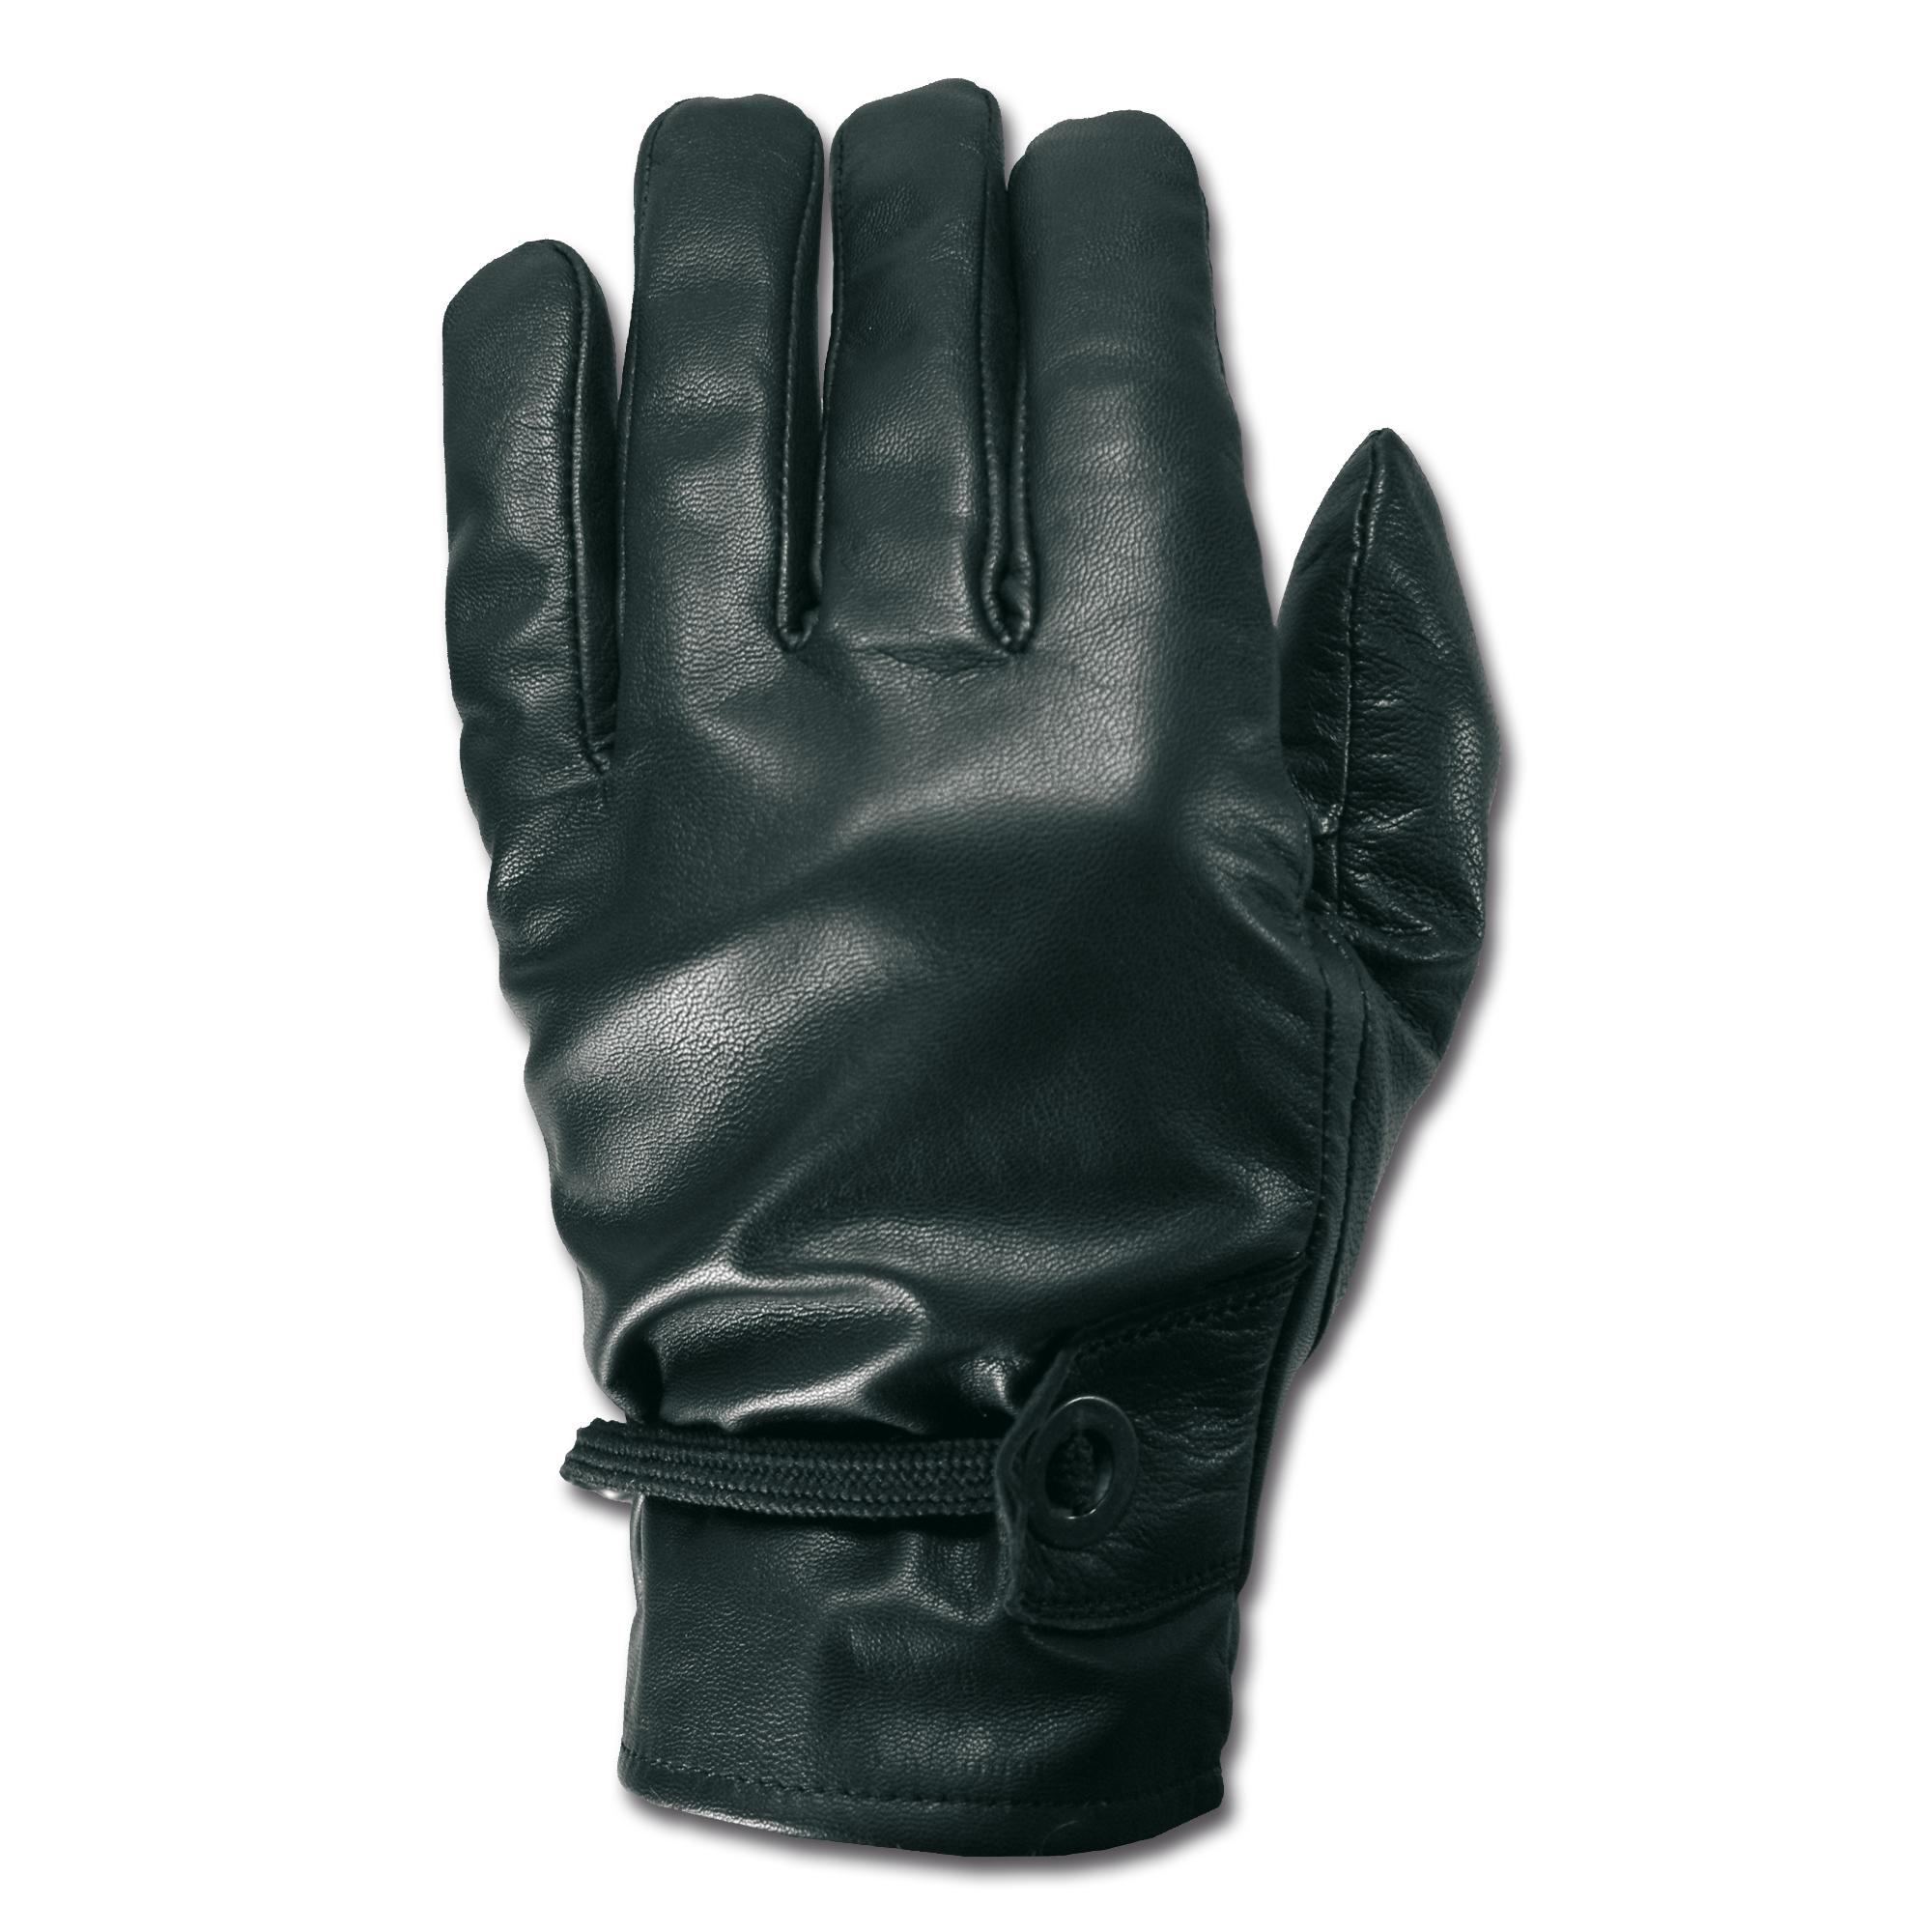 Western Handschuhe schwarz